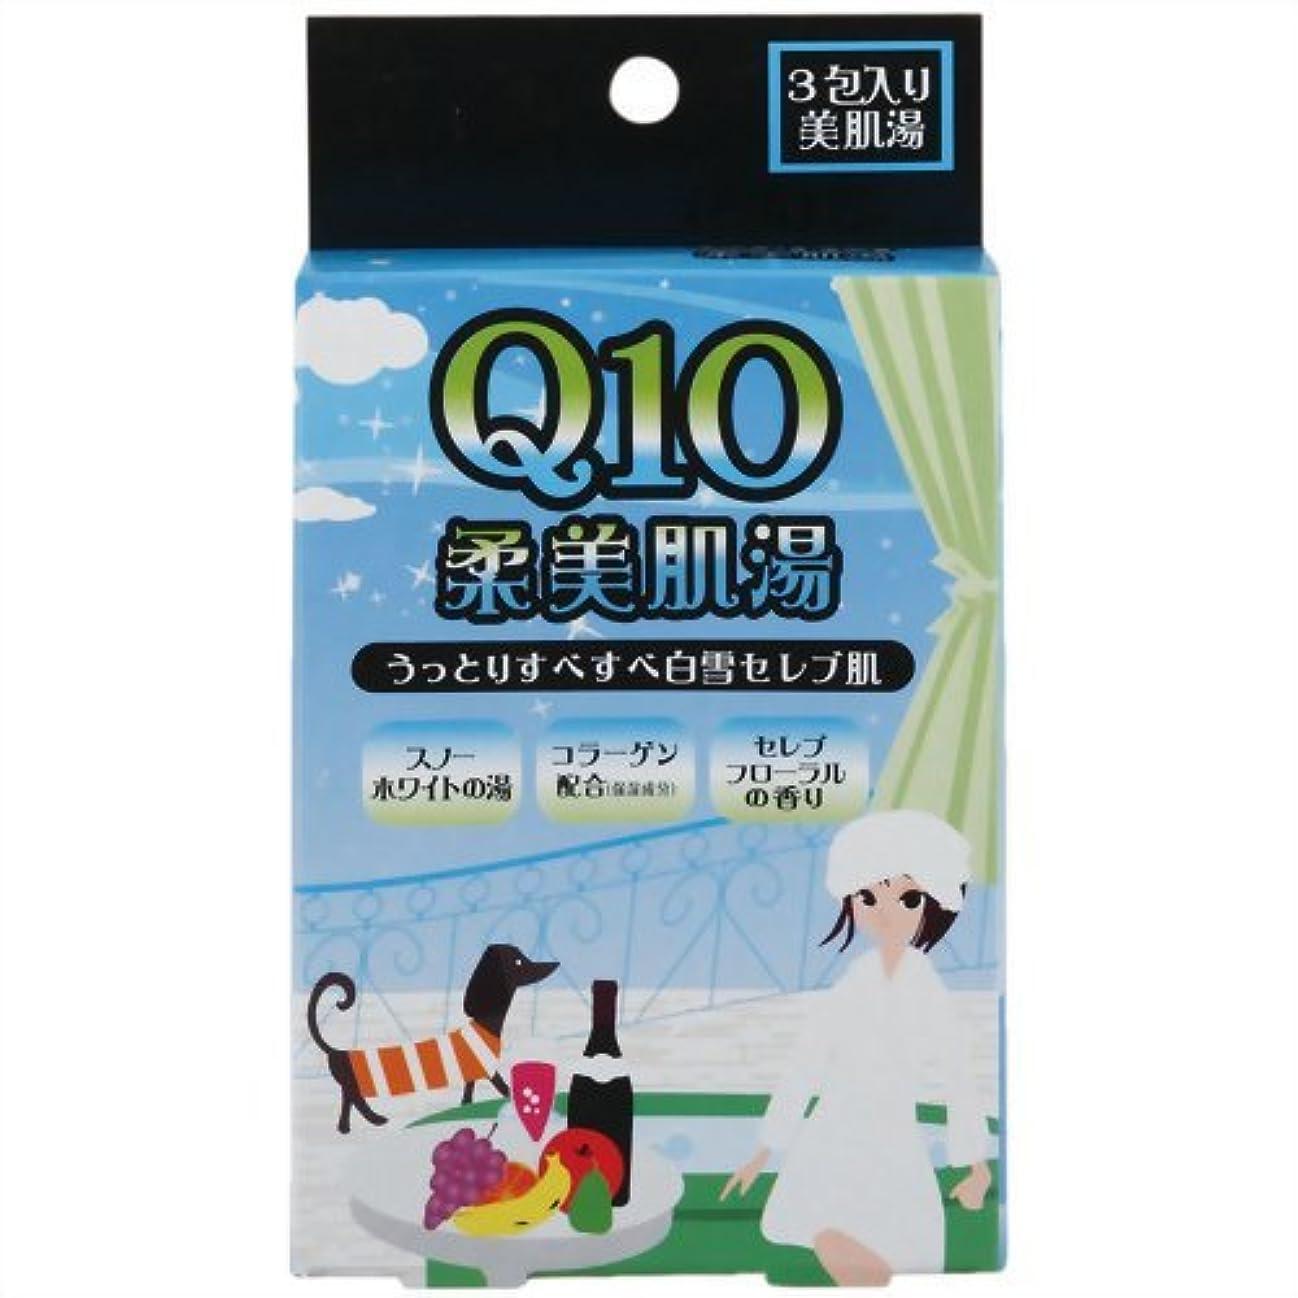 クリープ弾薬積極的に紀陽除虫菊 Q10 柔美肌湯 (セレブフローラルの香り)【まとめ買い10個セット】 N-8372